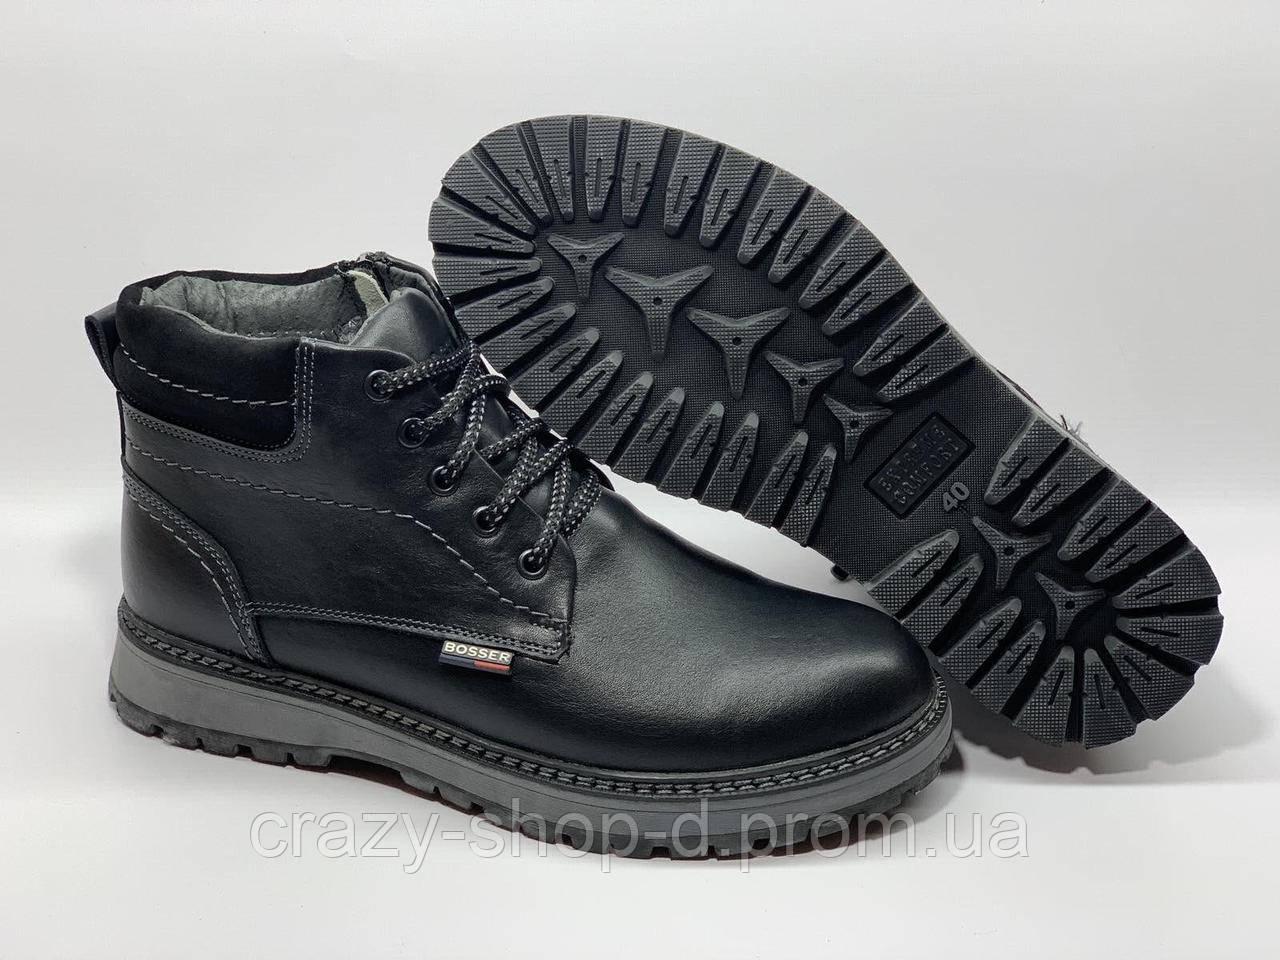 Мужские зимние кожаные ботинки черные на шнуровке классика